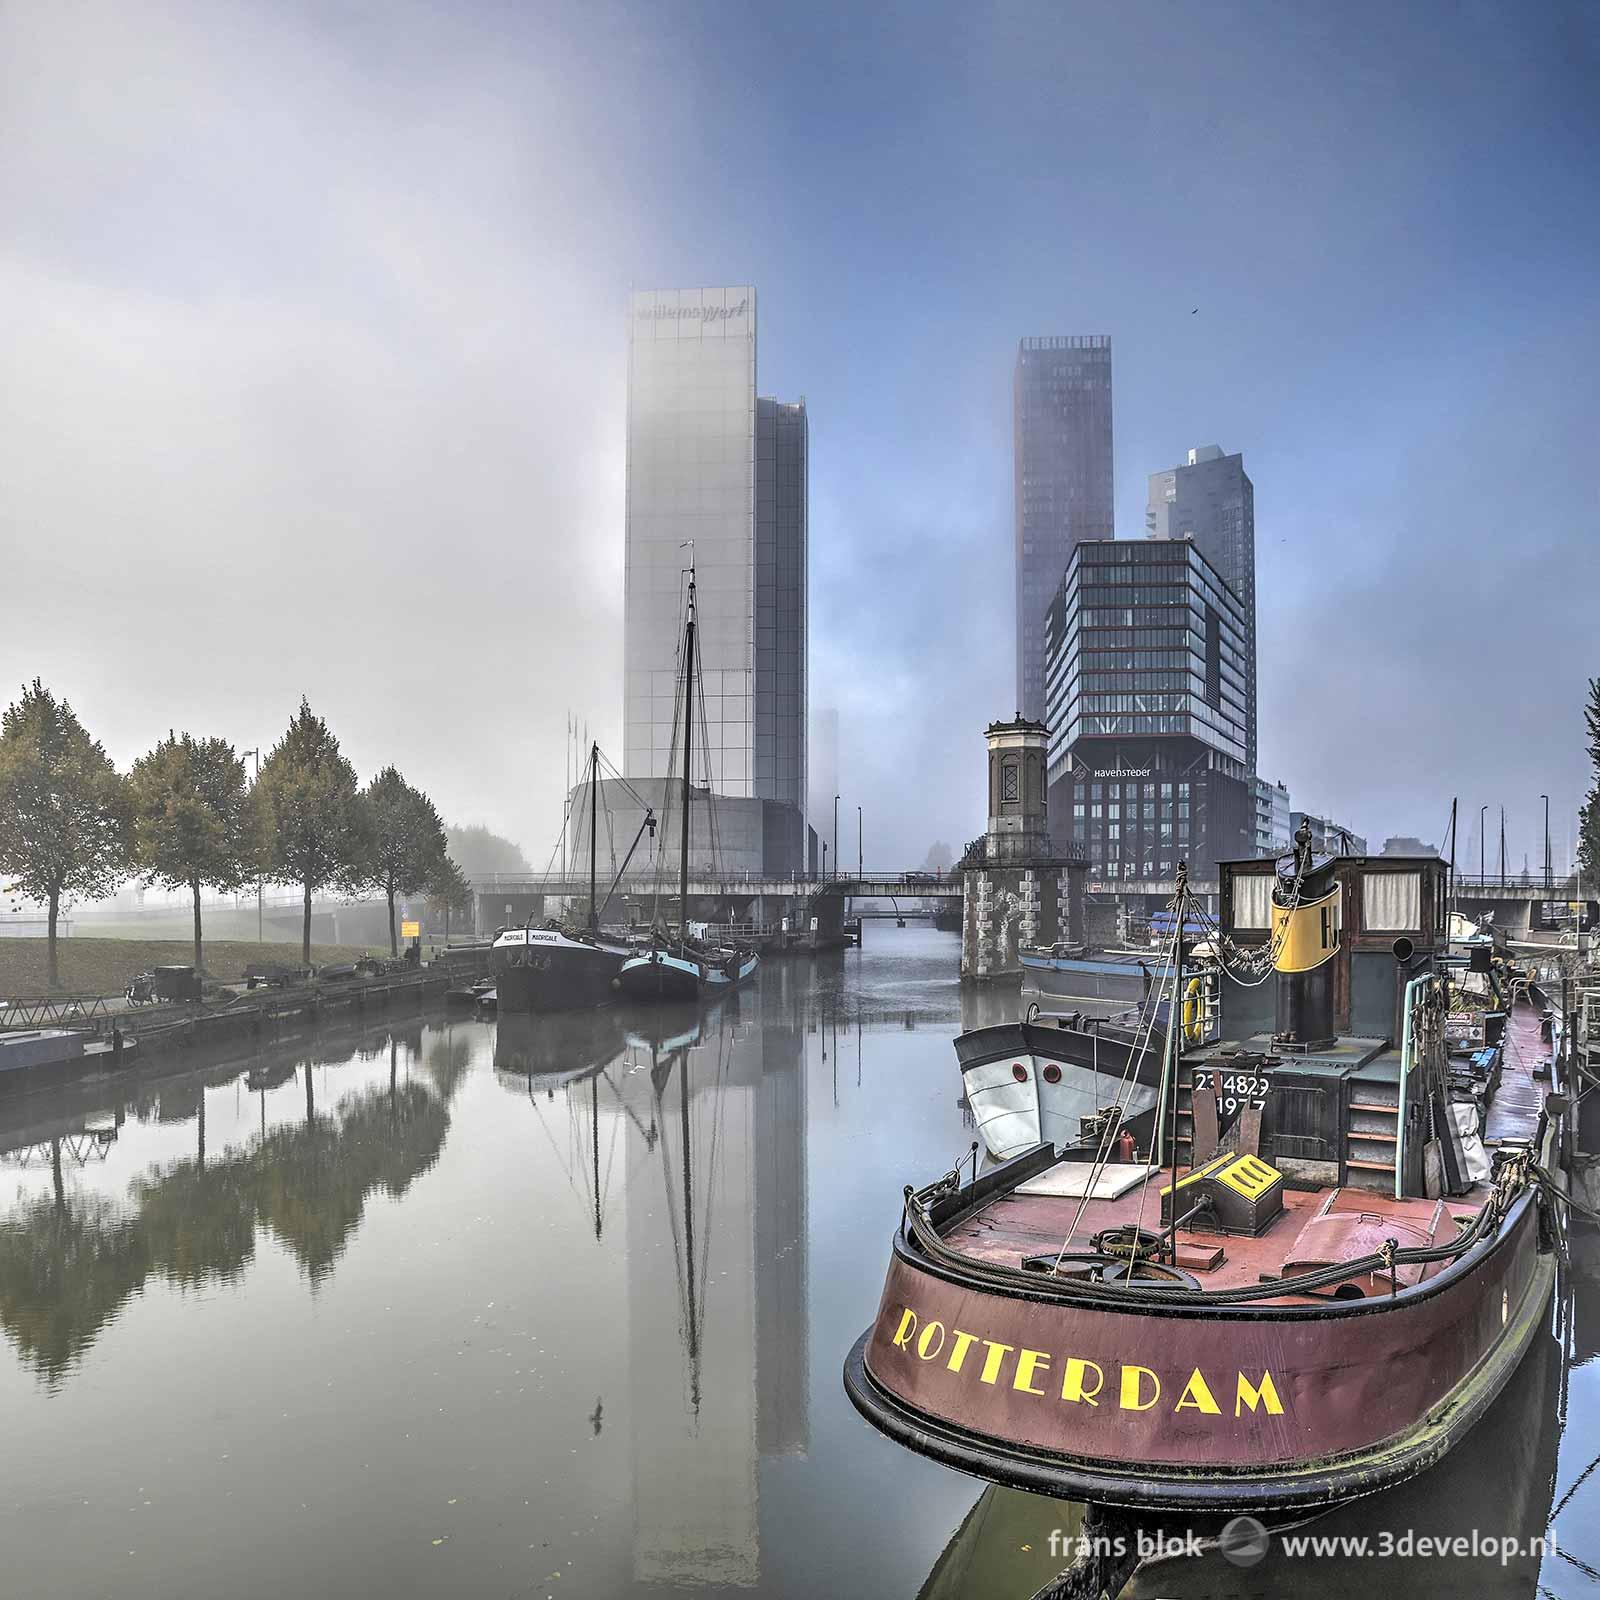 De Wijnhaven in Rotterdam met schepen en wolkenkrabbers terwijl mistbanken vanaf de Nieuwe Maas de stad binnentrekken.